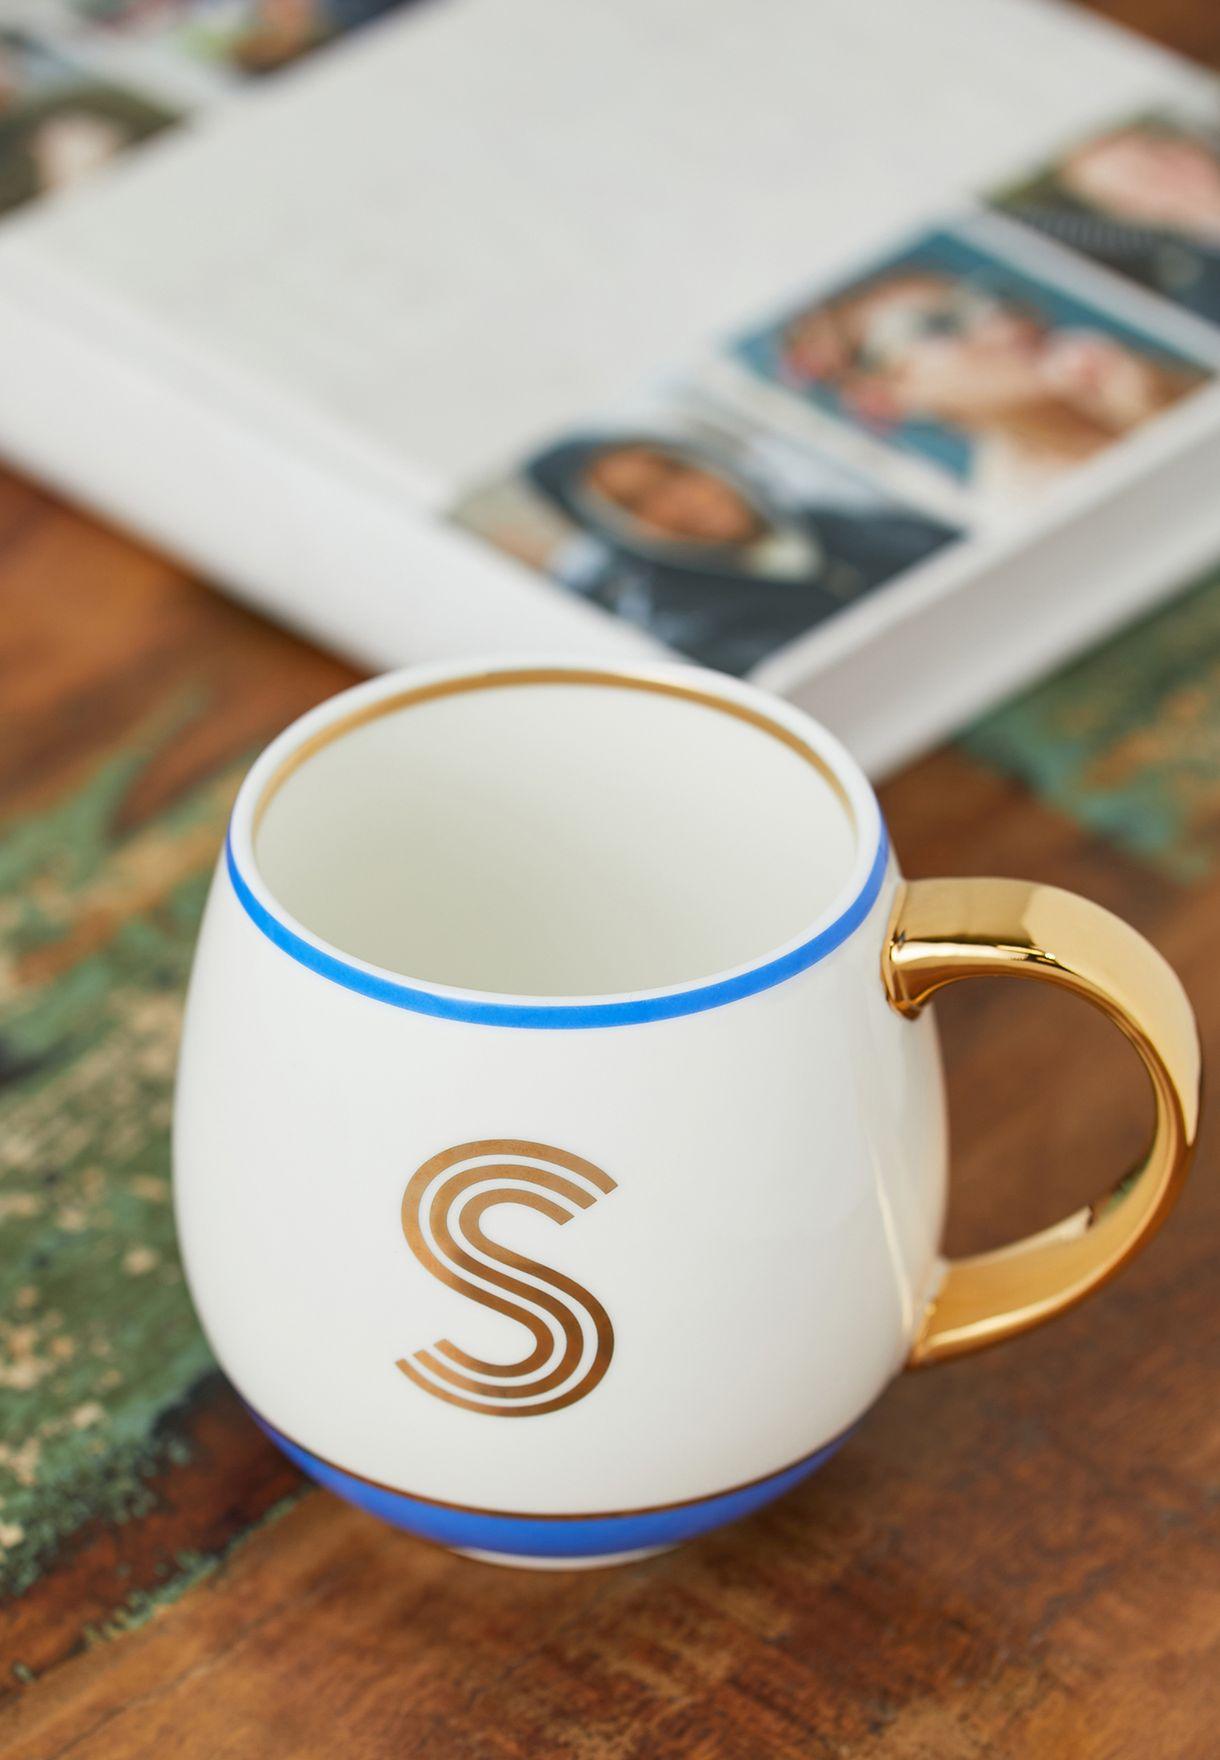 Initial S Mug